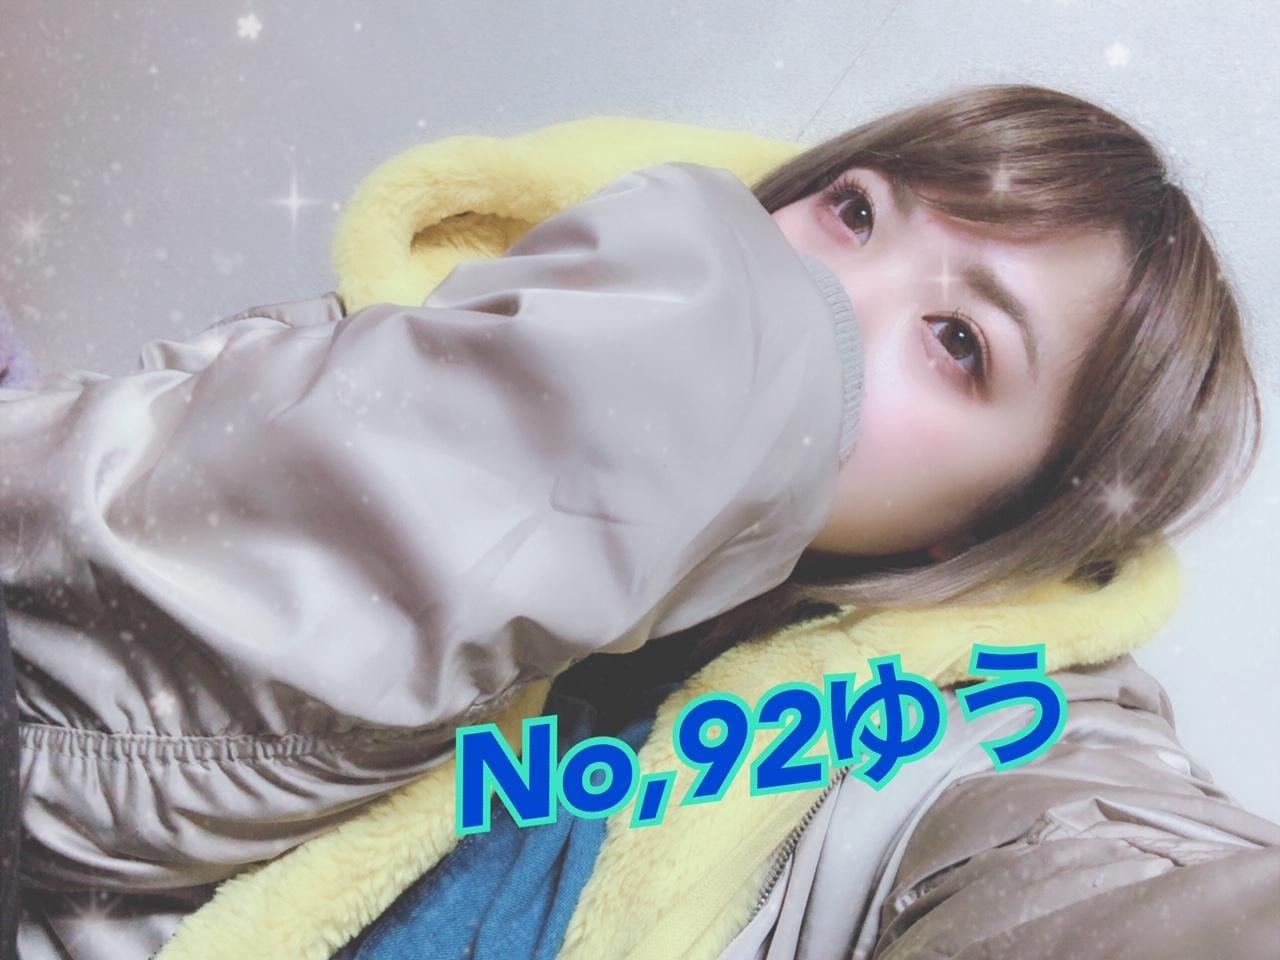 ゆう「(ノ_ _)ノ(ノ_ _)ノ(ノ_ _)ノ」01/15(火) 23:54 | ゆうの写メ・風俗動画